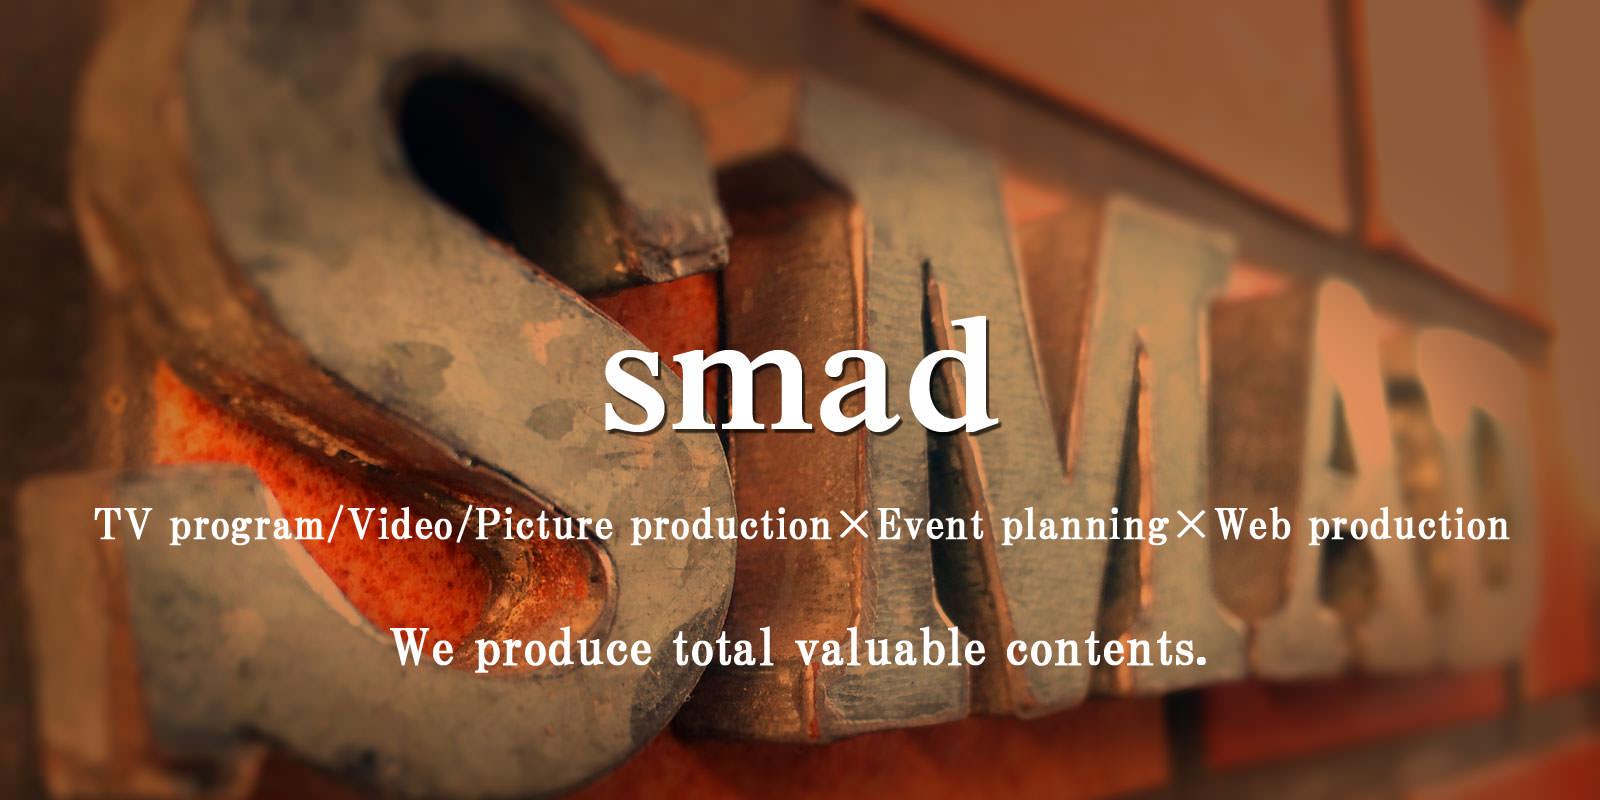 動画・映像制作×イベント×Web制作 価値あるコンテンツをトータルプロデュース 株式会社スマド